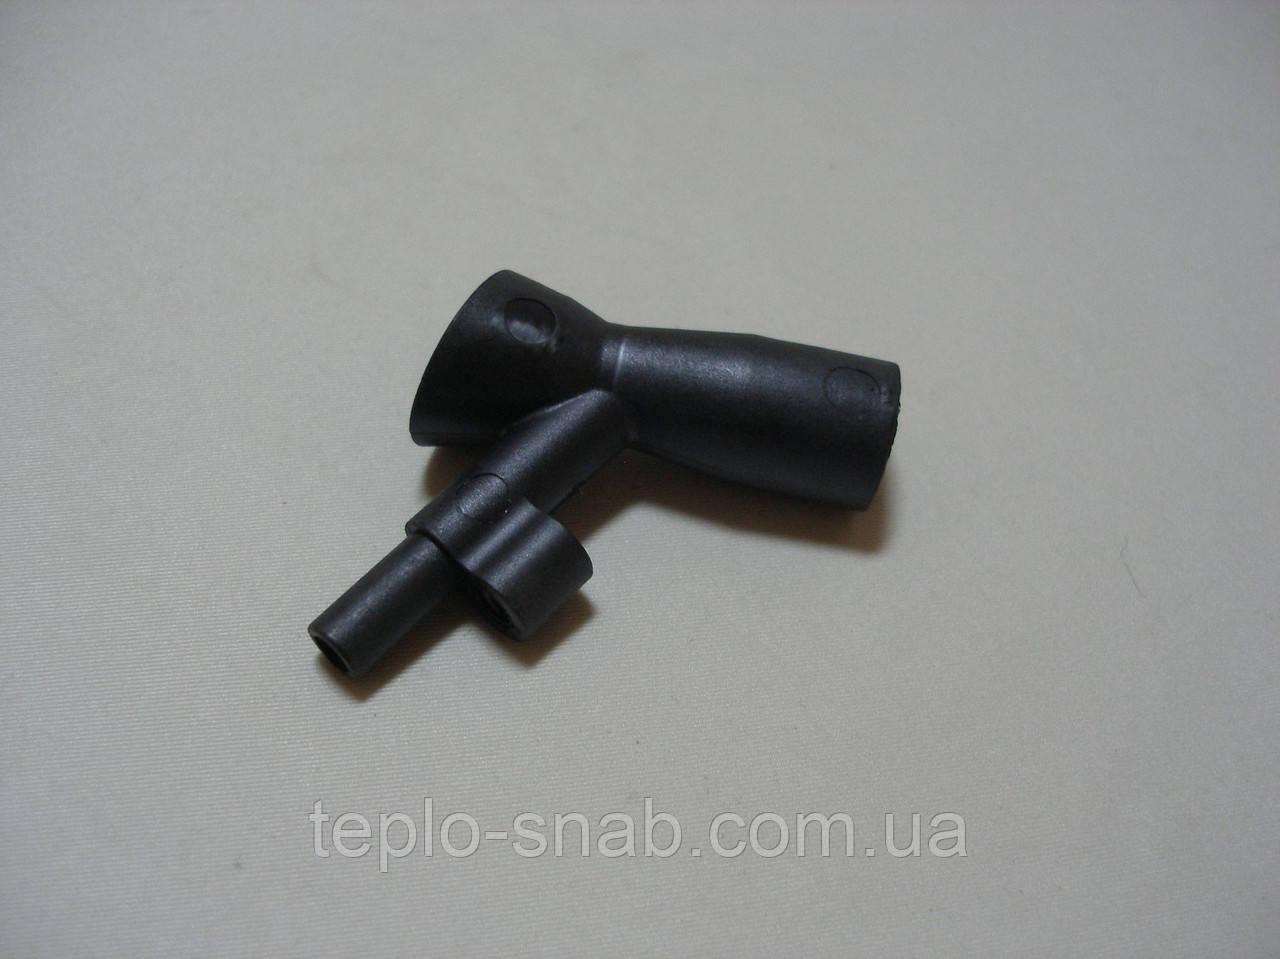 Трубка Вентурі Westen, Baxi. 710364700 (5409580)